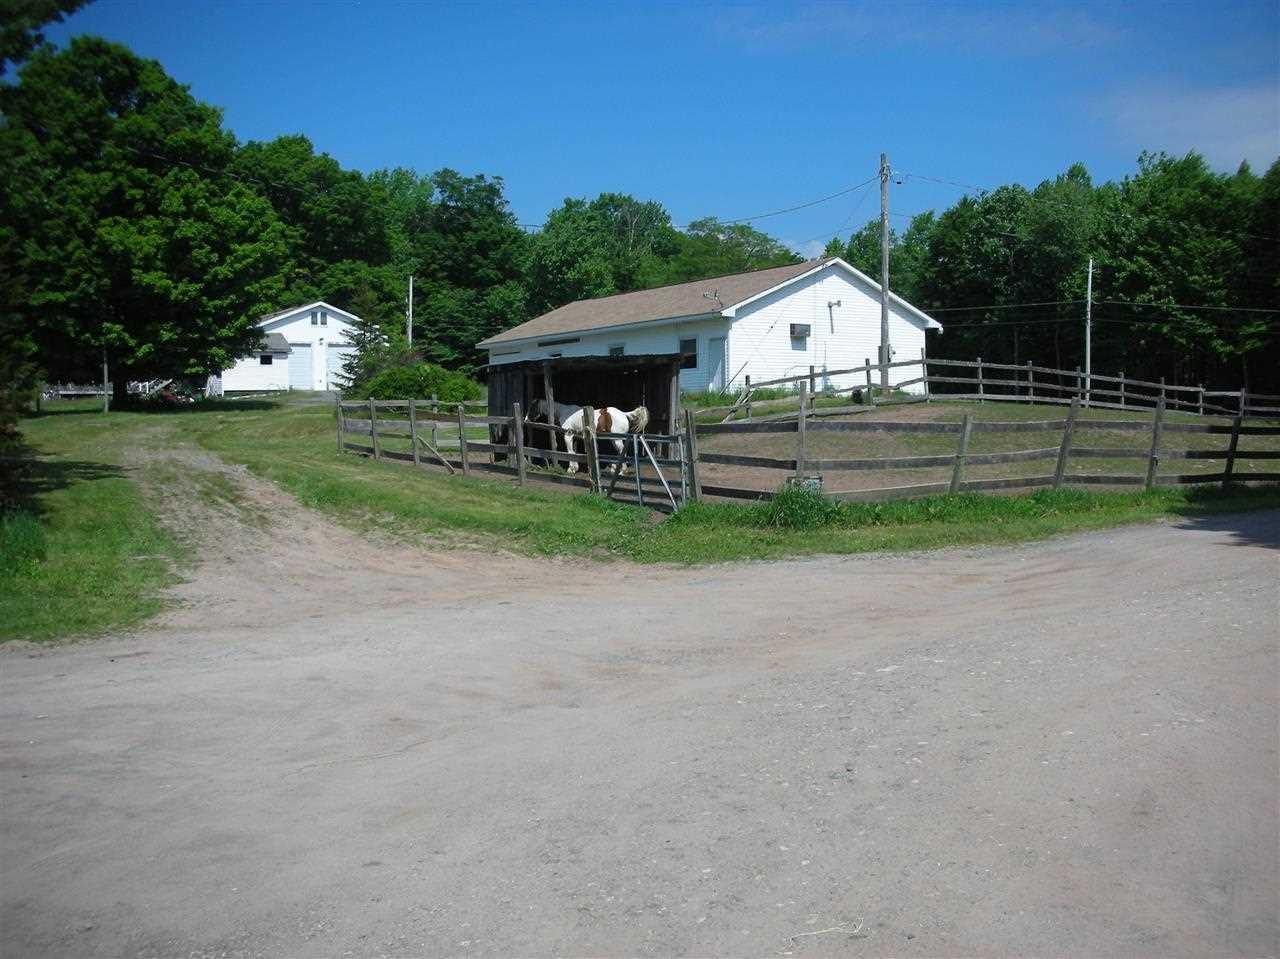 Real Estate for Sale, ListingId: 31769043, Monticello,NY12701